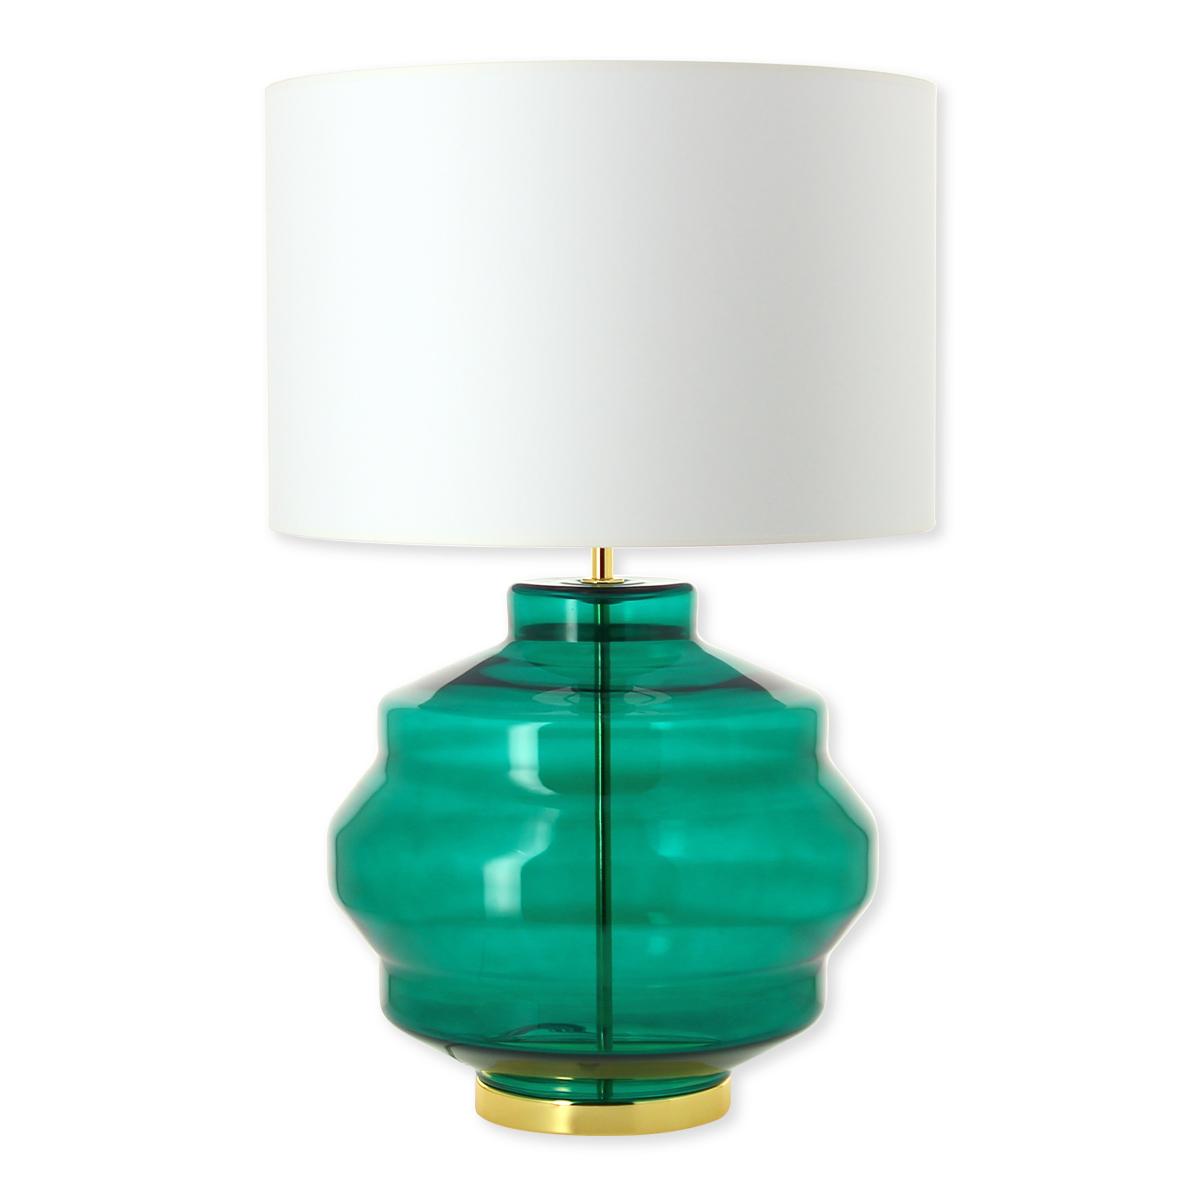 abat jour vert Lampe en verre vert émeraude avec abat-jour 58cm